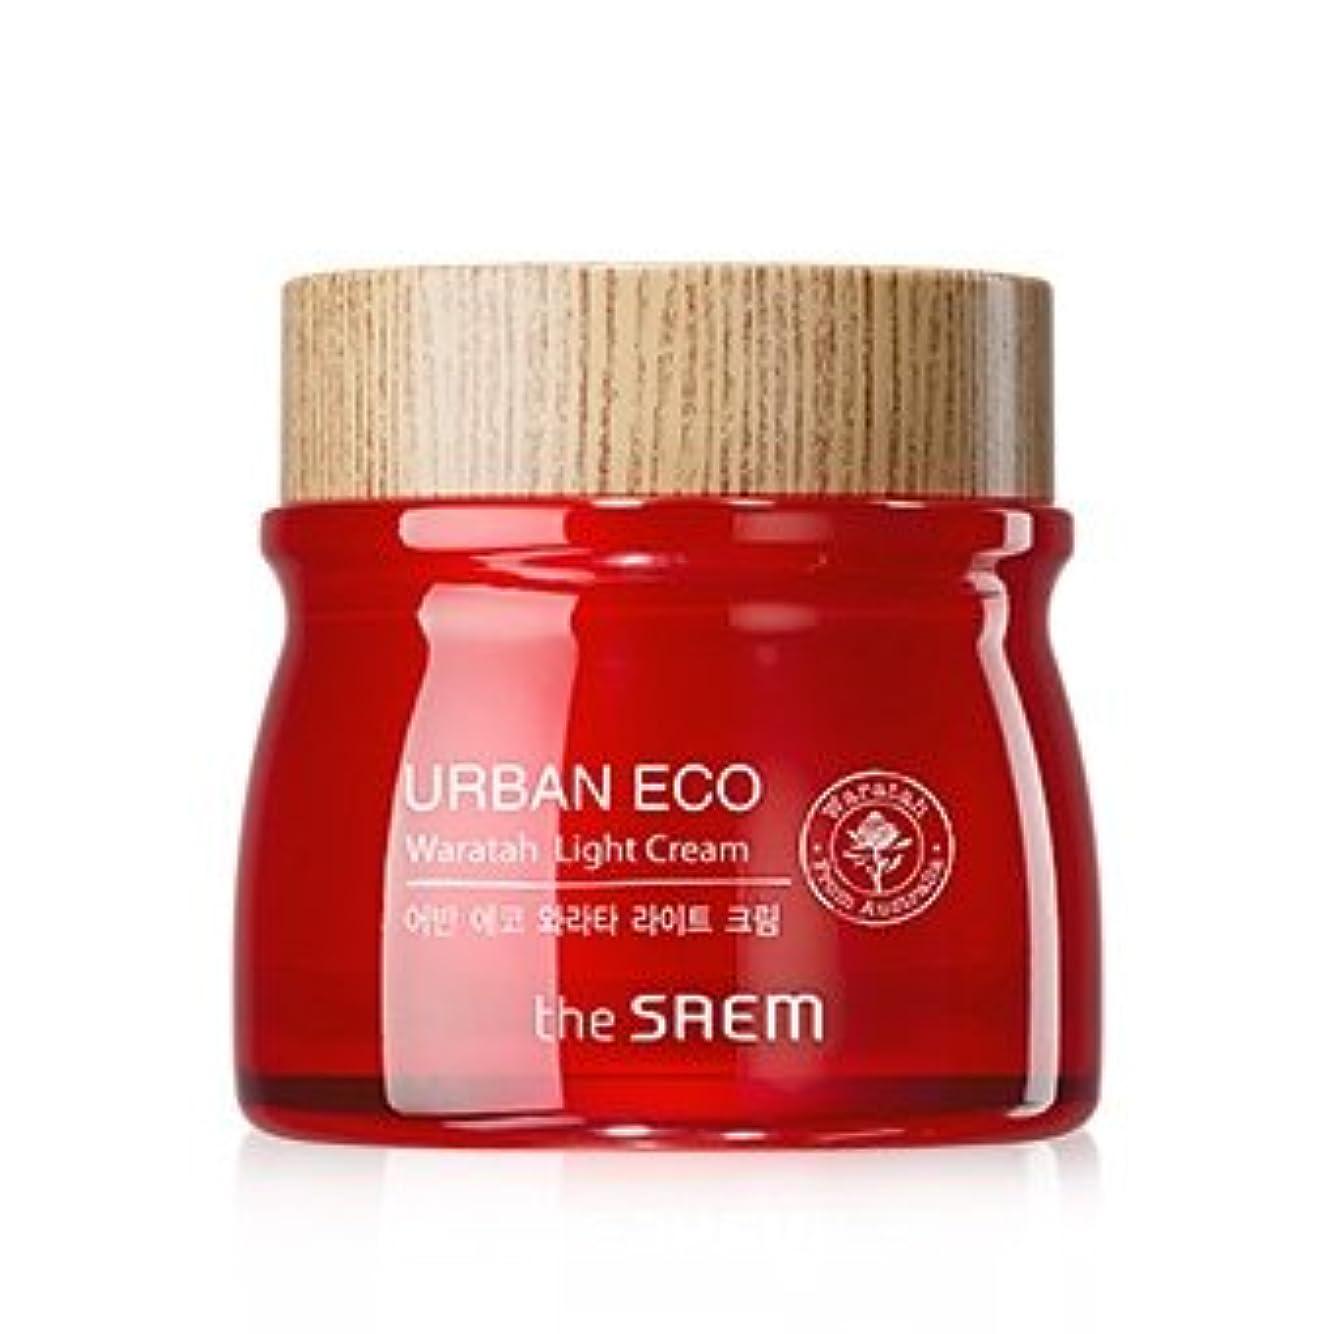 運営ジュニア制限The Saem Urban Eco Waratah Light Cream 60ml ドセム アーバンエコワラターライトクリーム60ml[並行輸入品]